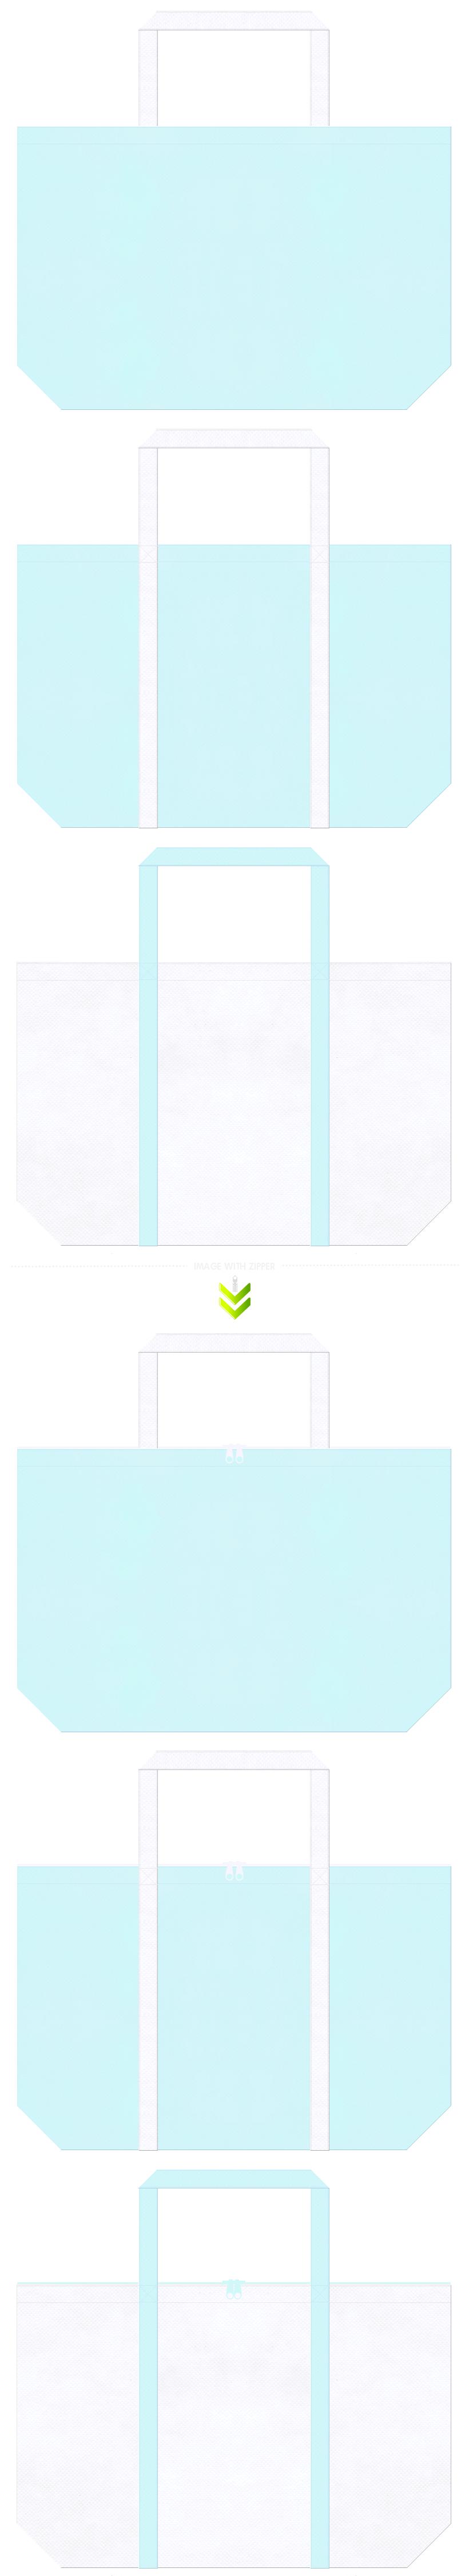 水色と白色の不織布エコバッグのデザイン。夏のイベントのノベルティにお奨めです。